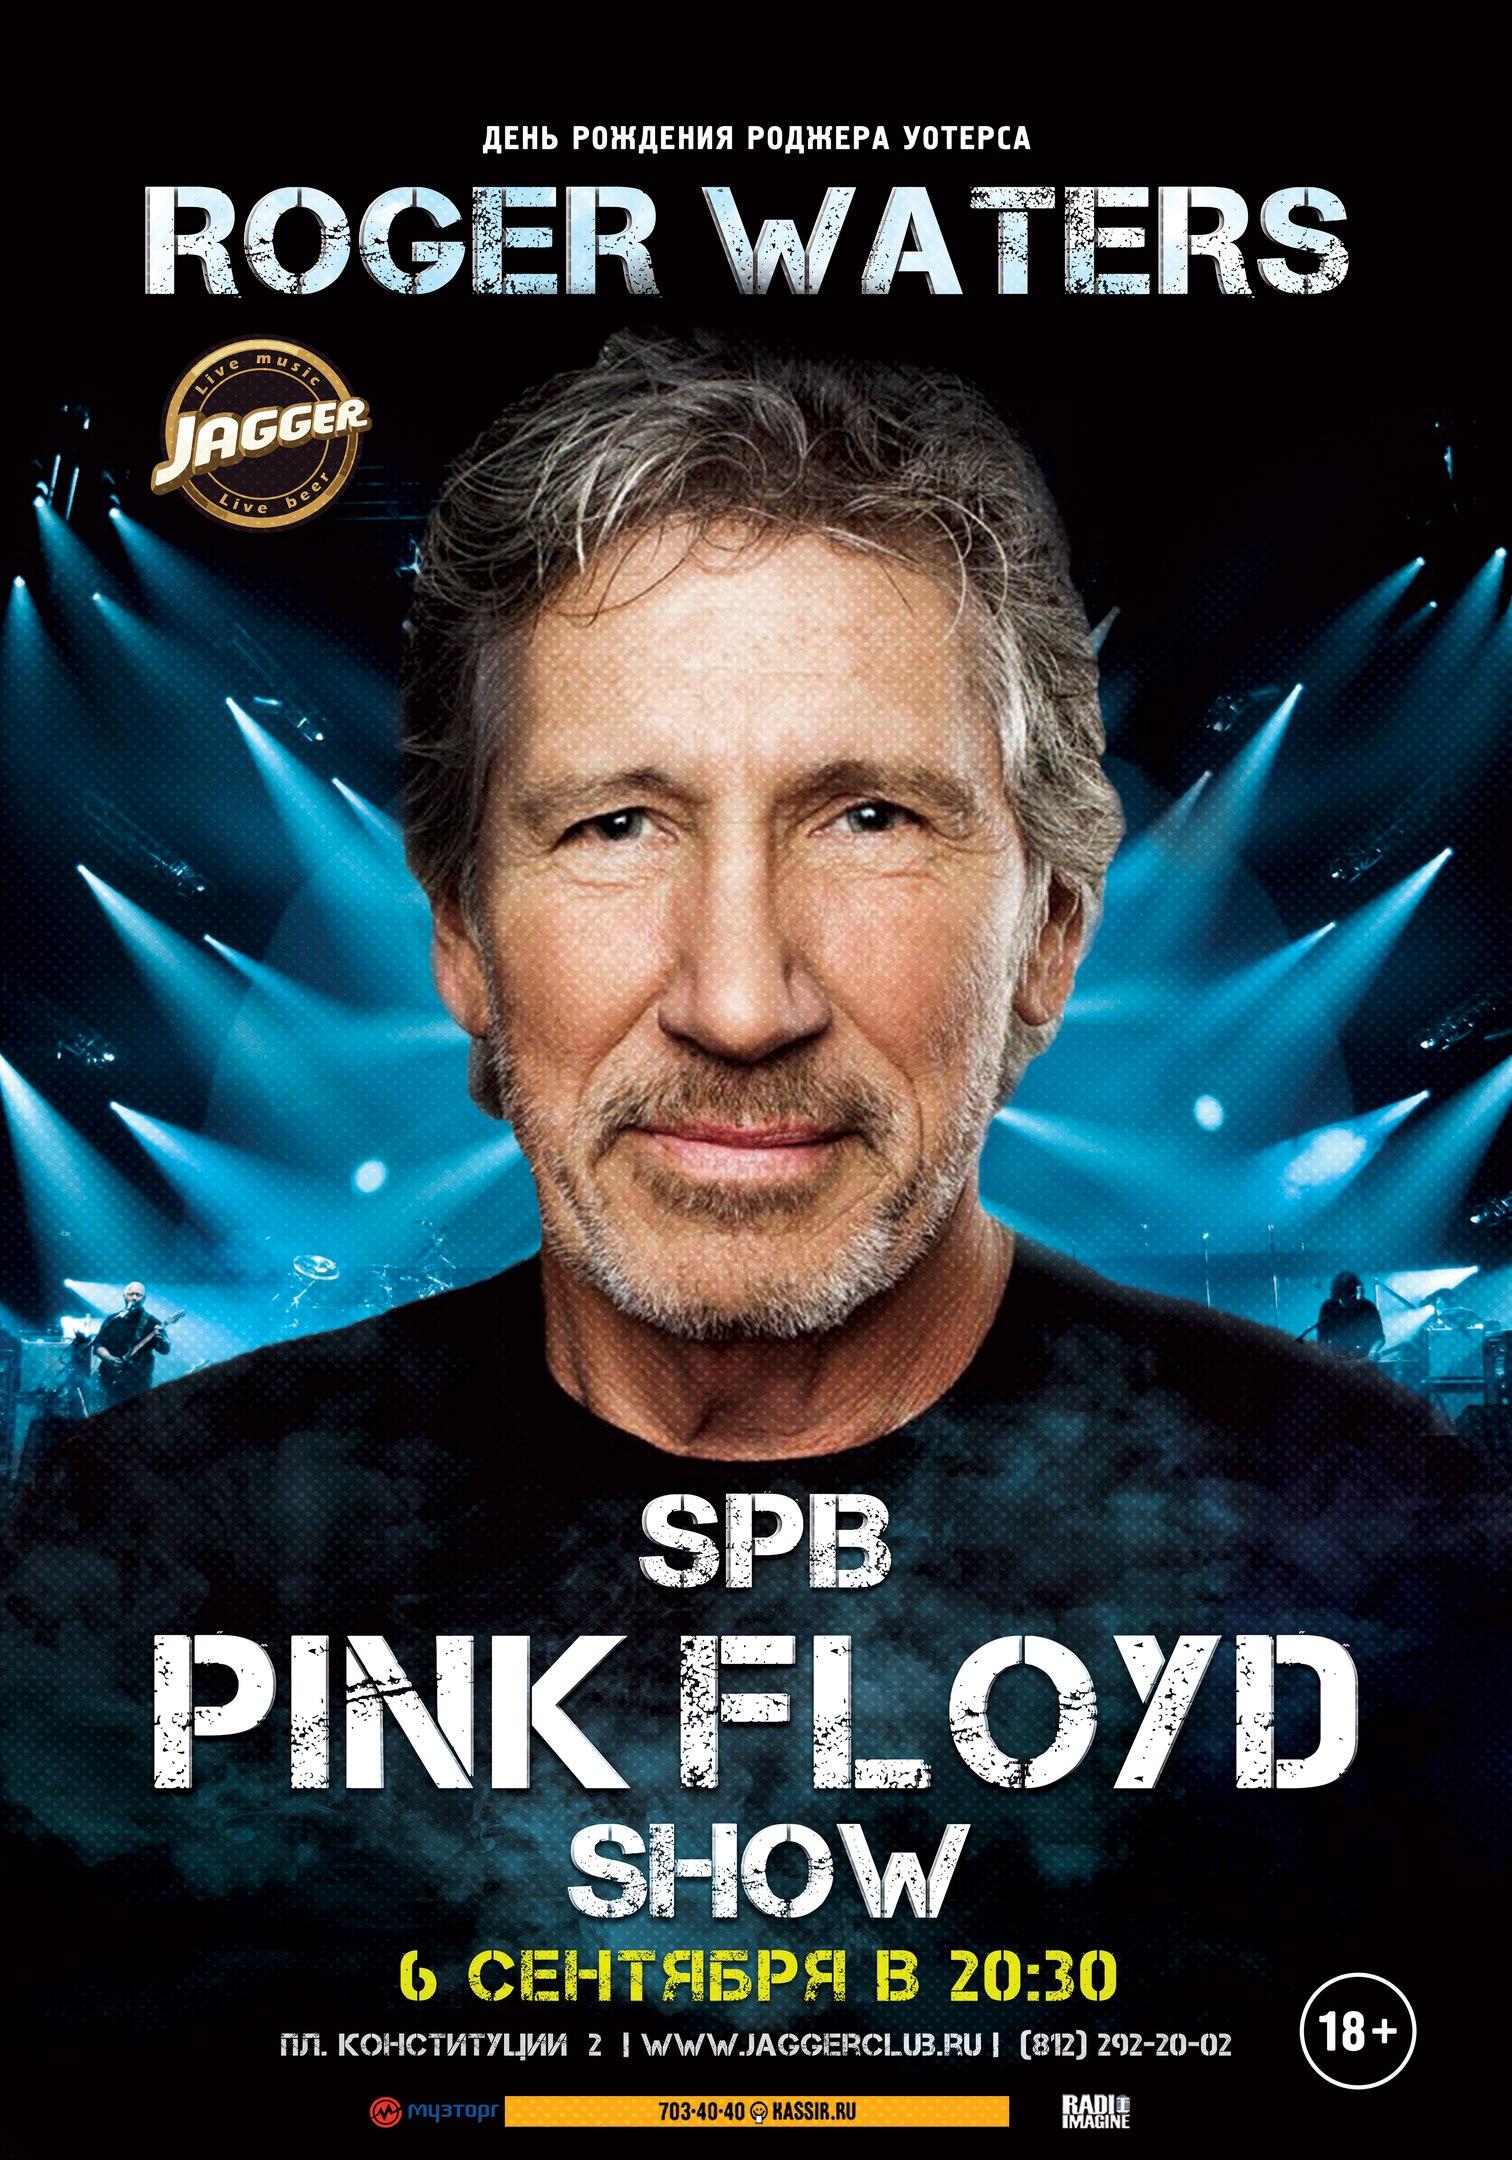 Трибьют Pink Floyd в Петербурге 6 сентября